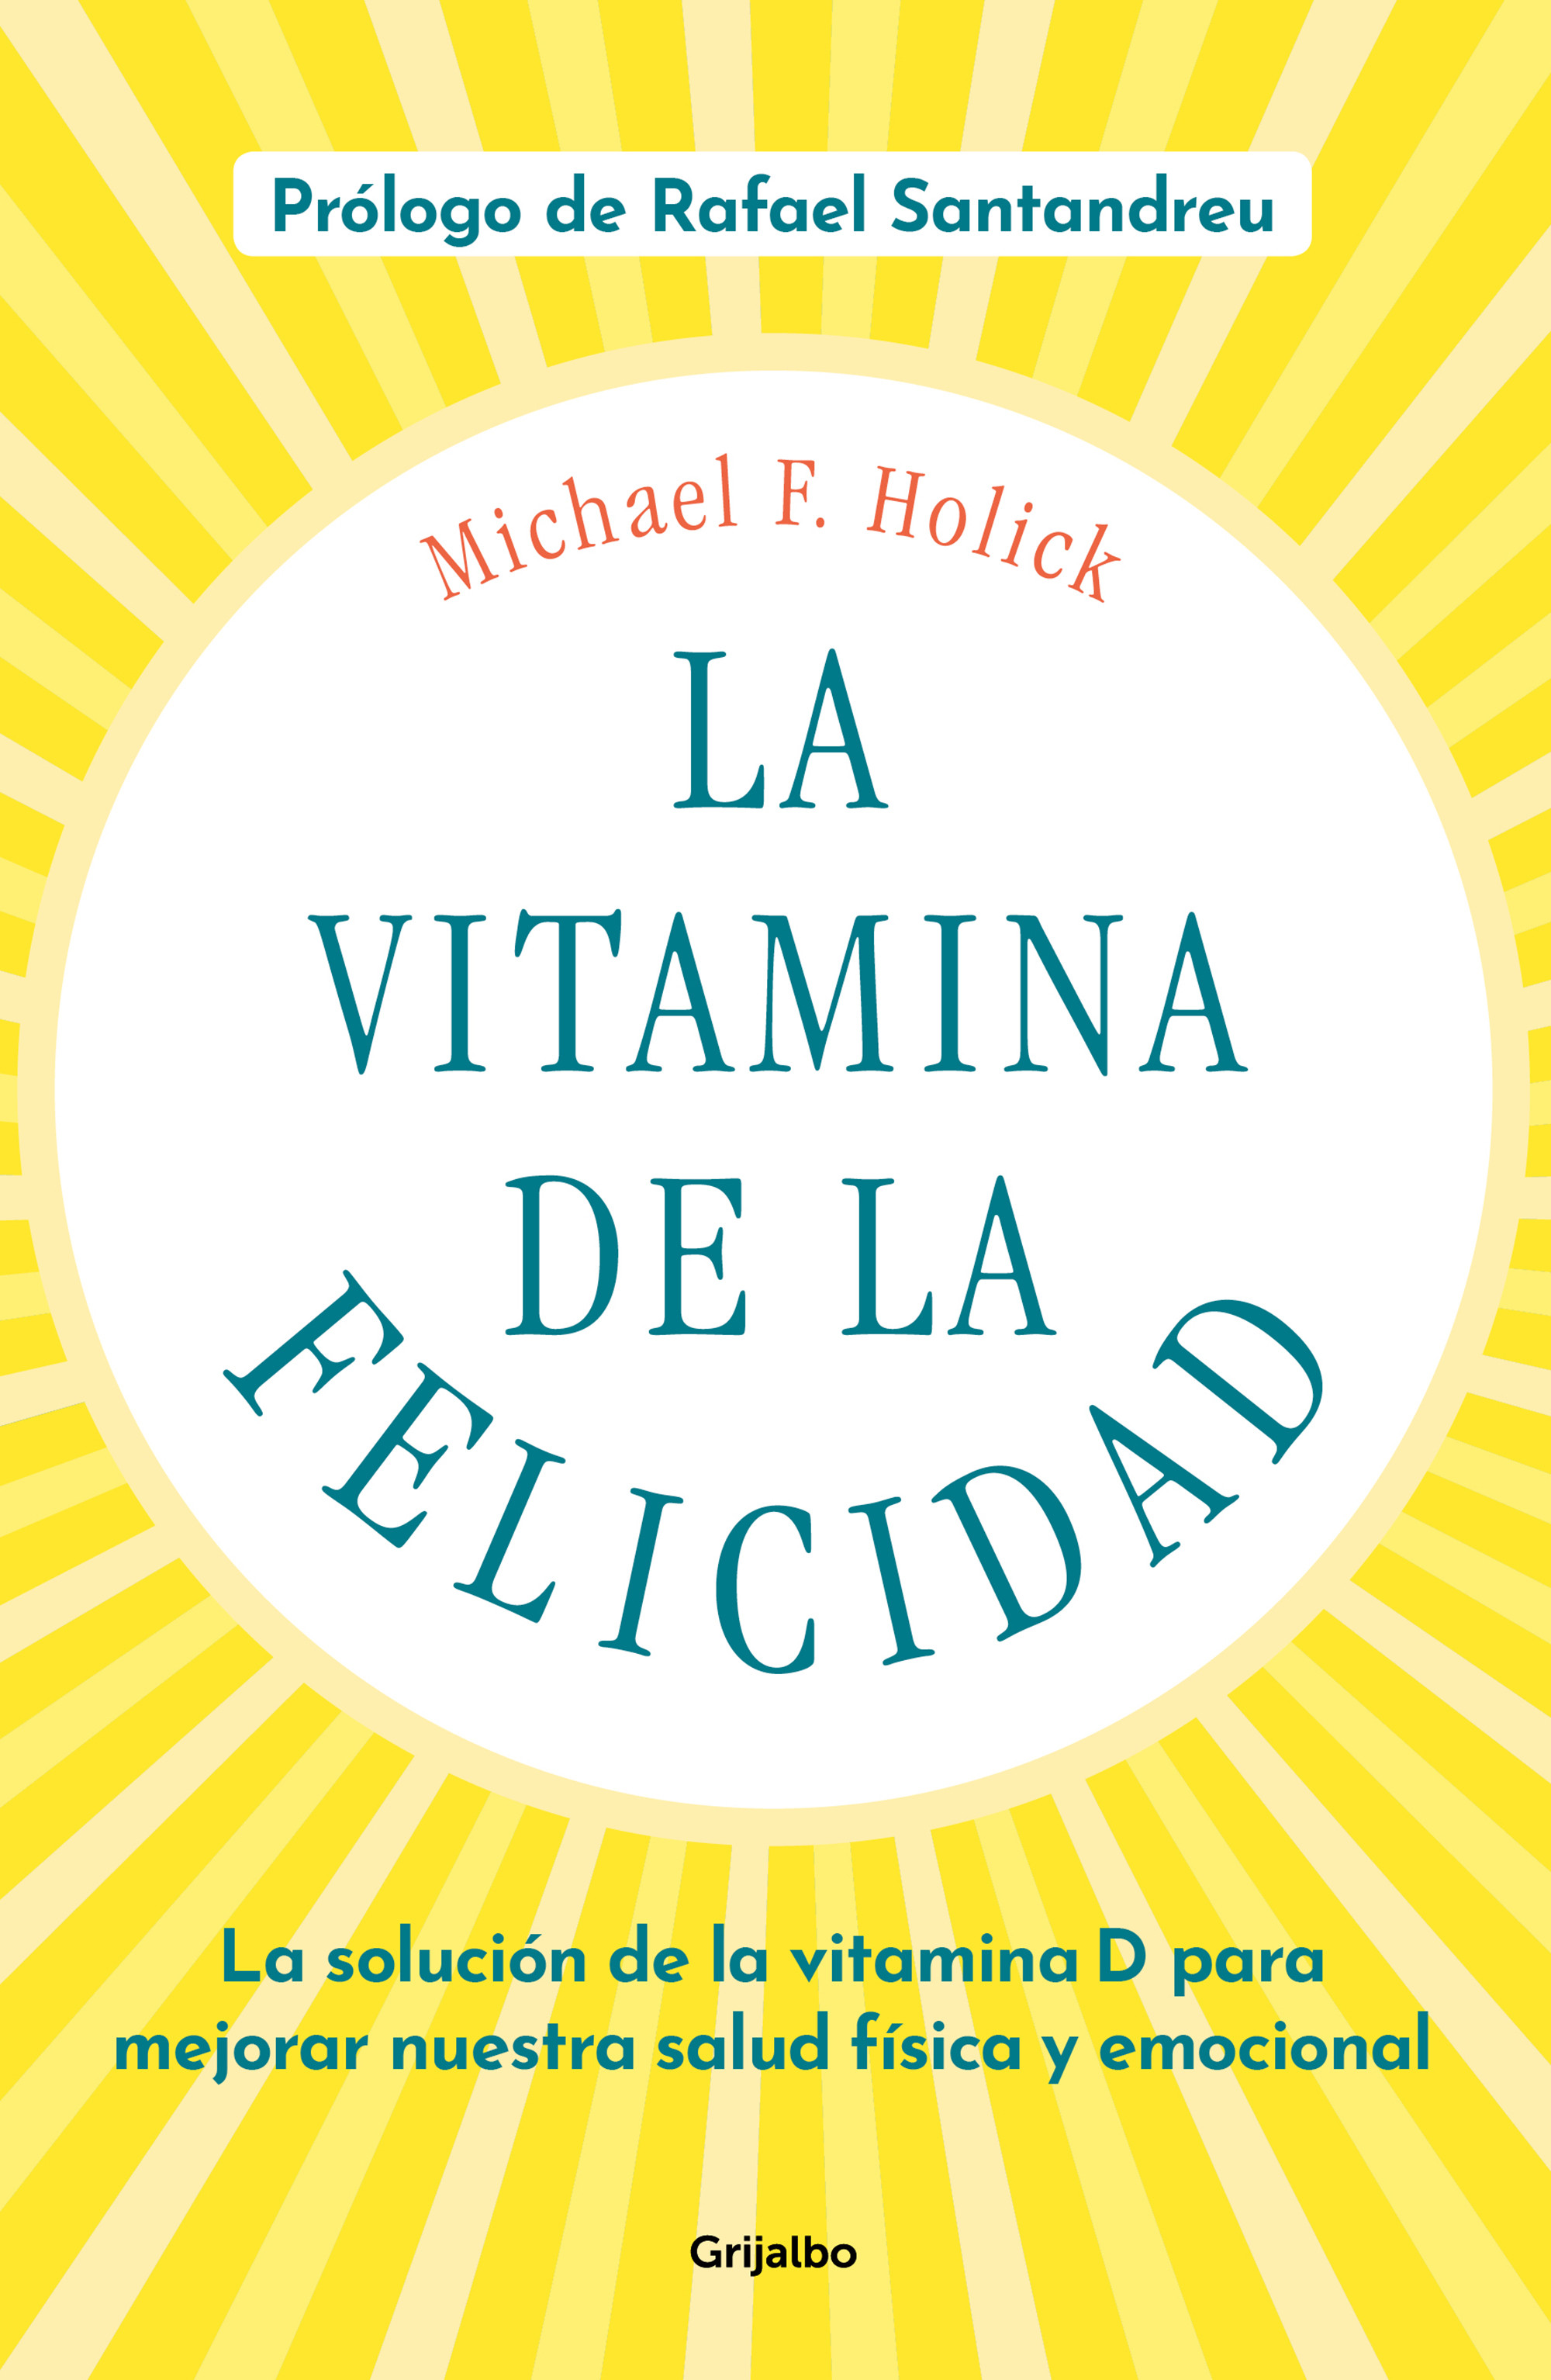 La vitamina de la felicidad (con prólogo de Rafael Santandreu)